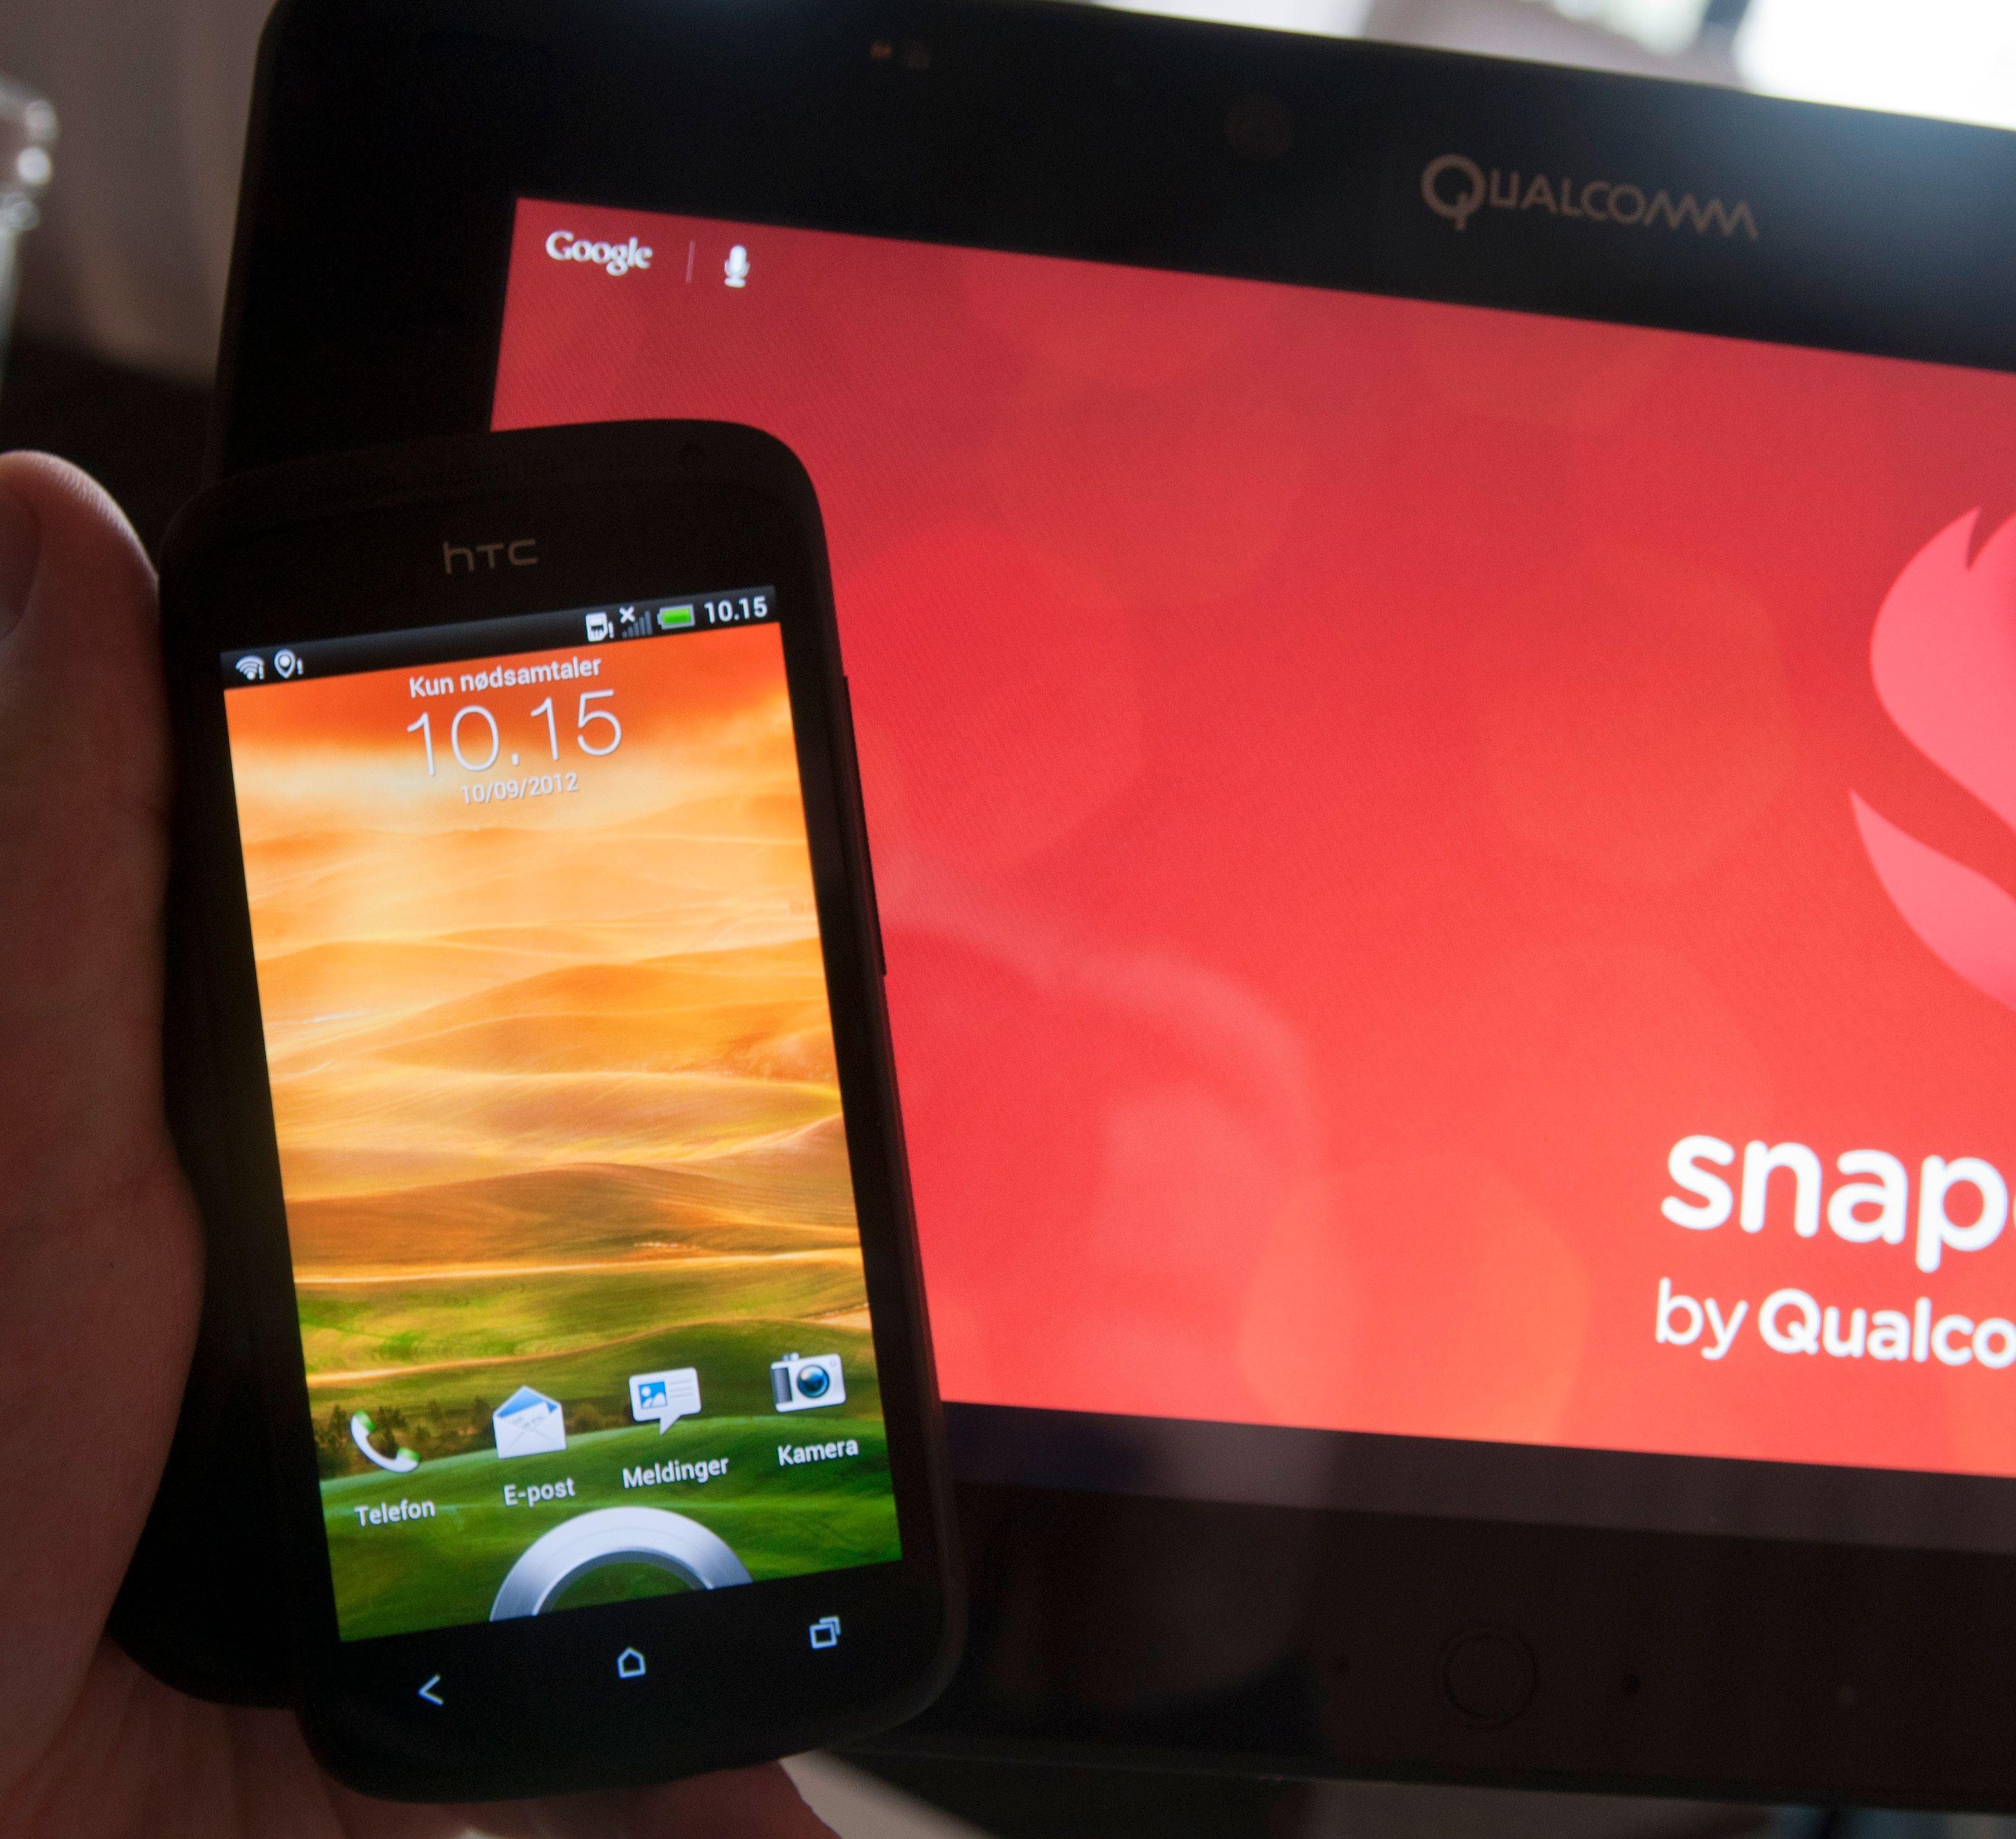 6 x Krait! HTCs One S er ett av produktene som kjører dagens Snapdragon S4 med to kjerner. Den har svakere grafikkdel enn den nye systembrikken i Qualcomms referansenettbrett.